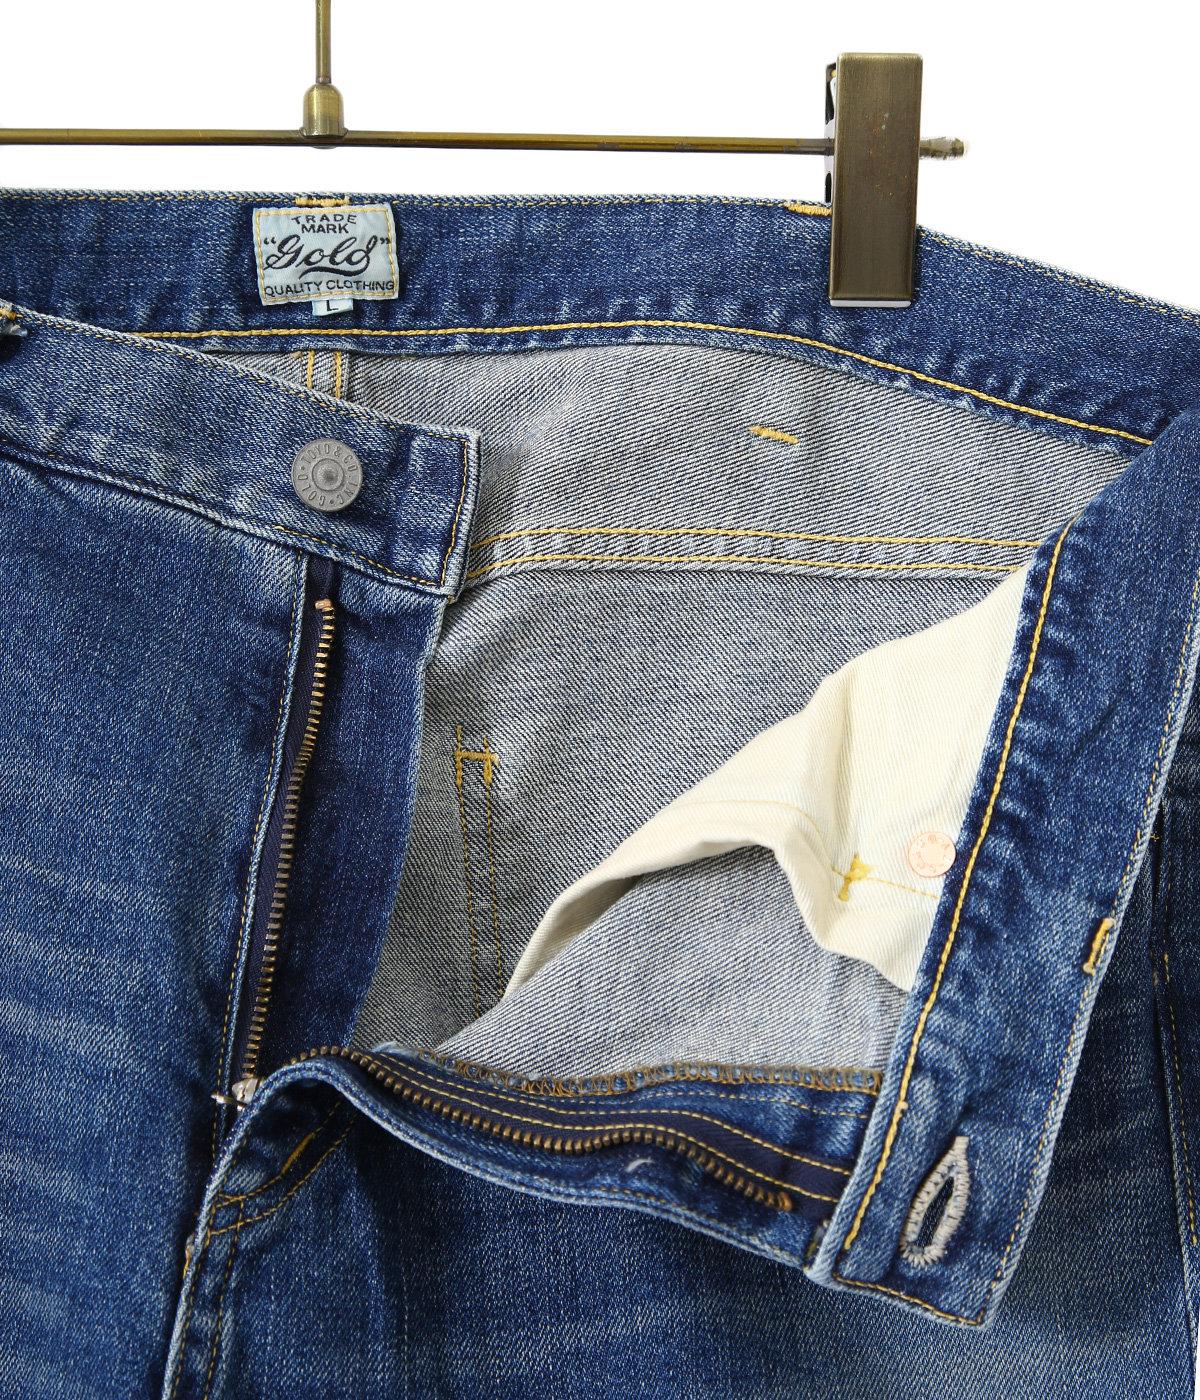 12oz. STRECH DENIM 5POCKET SLIM PANTS HARD WASHED